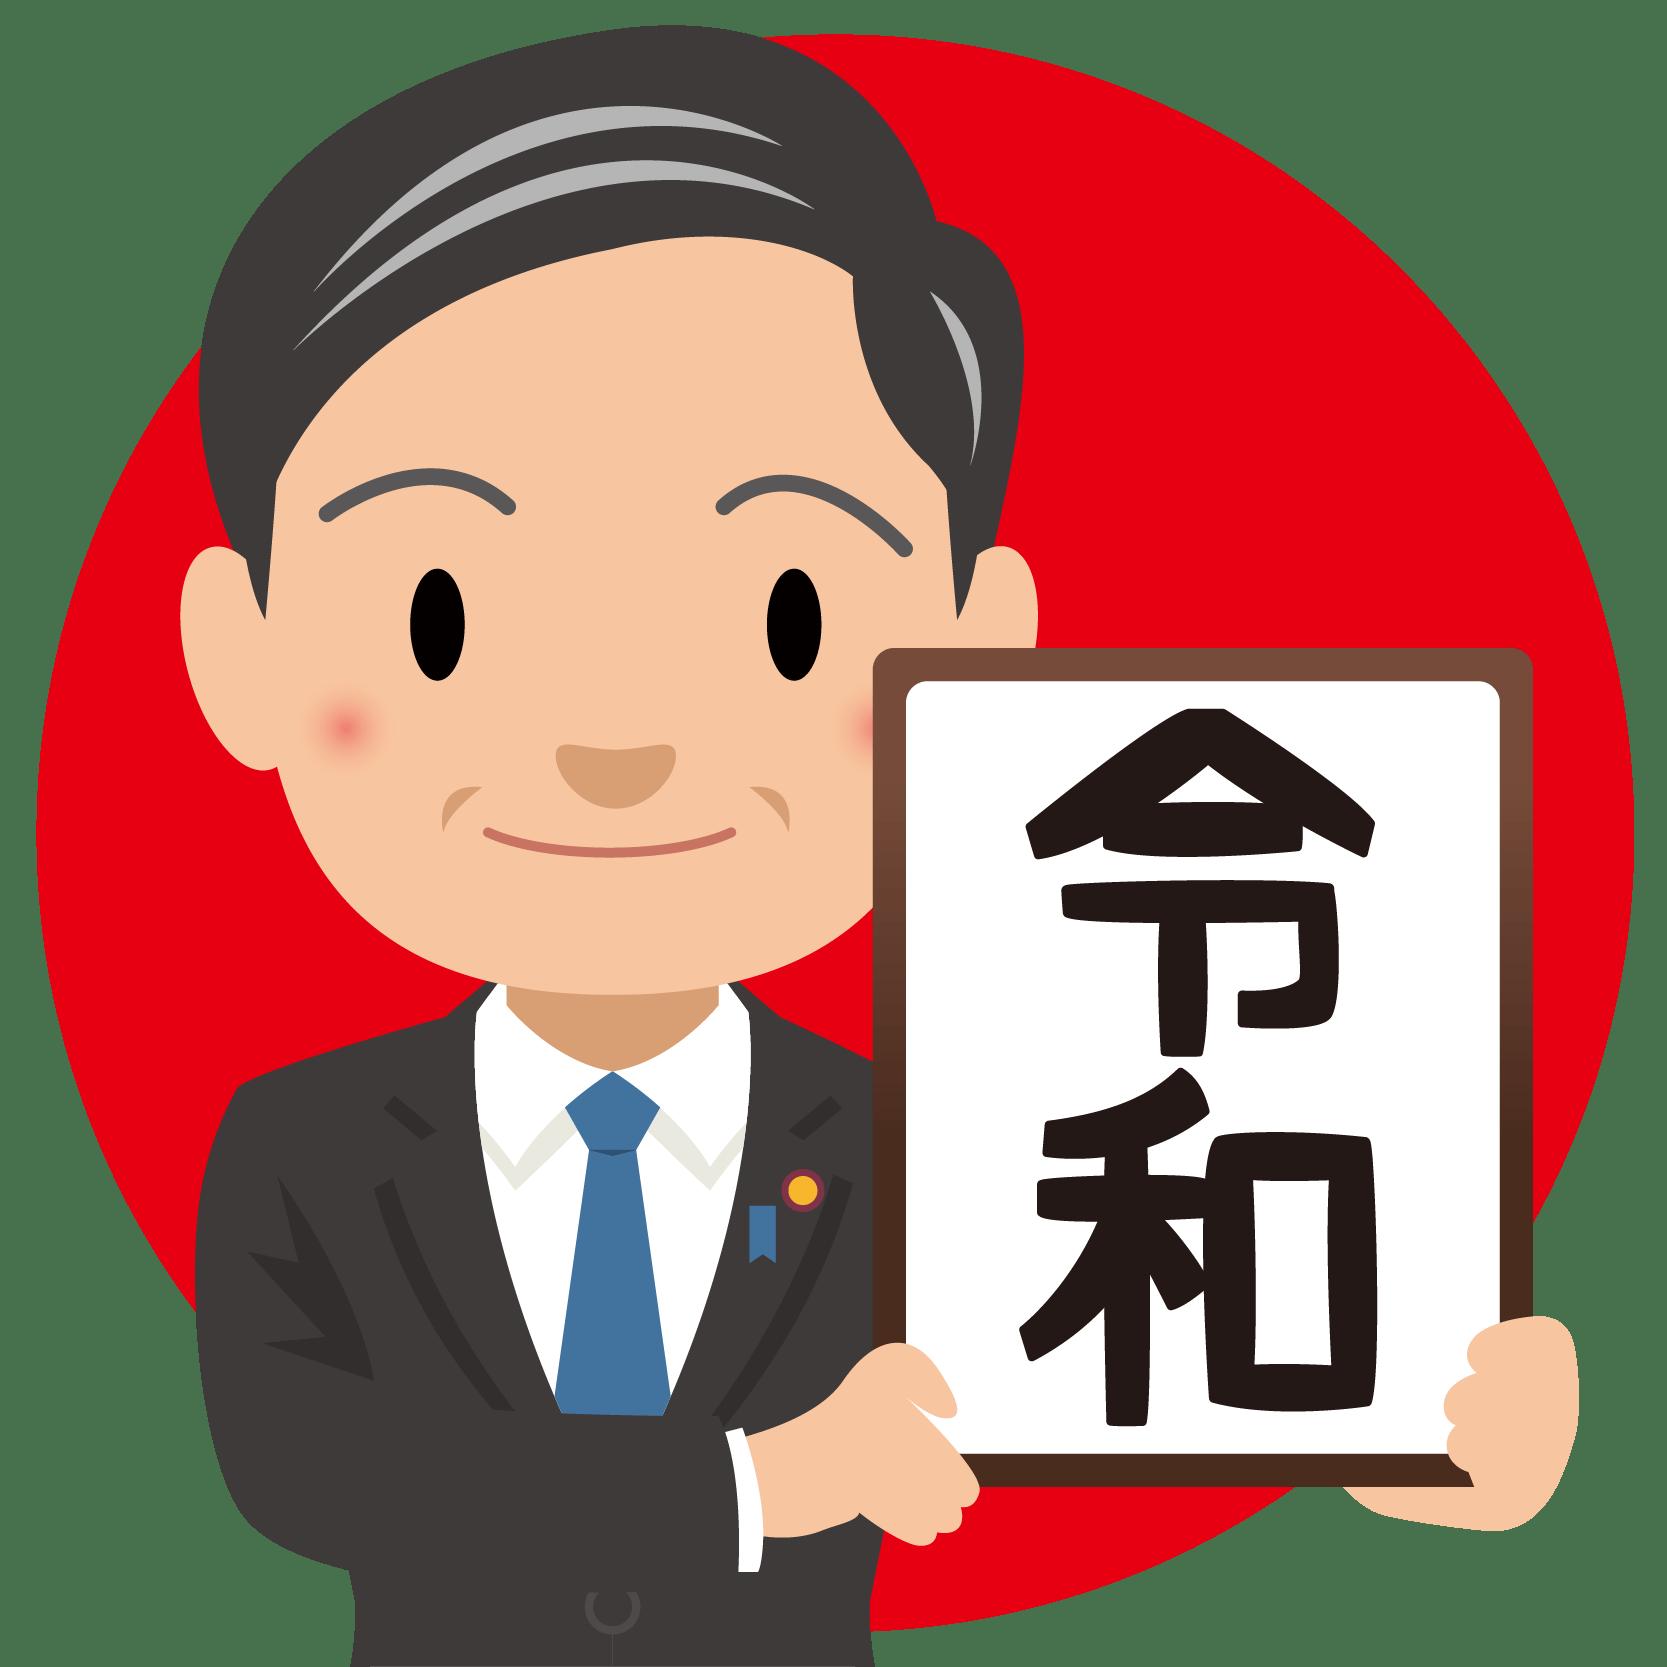 【愛と哀しみの埼玉の歴史】こんにちは令和 令和に予定されている埼玉の出来事